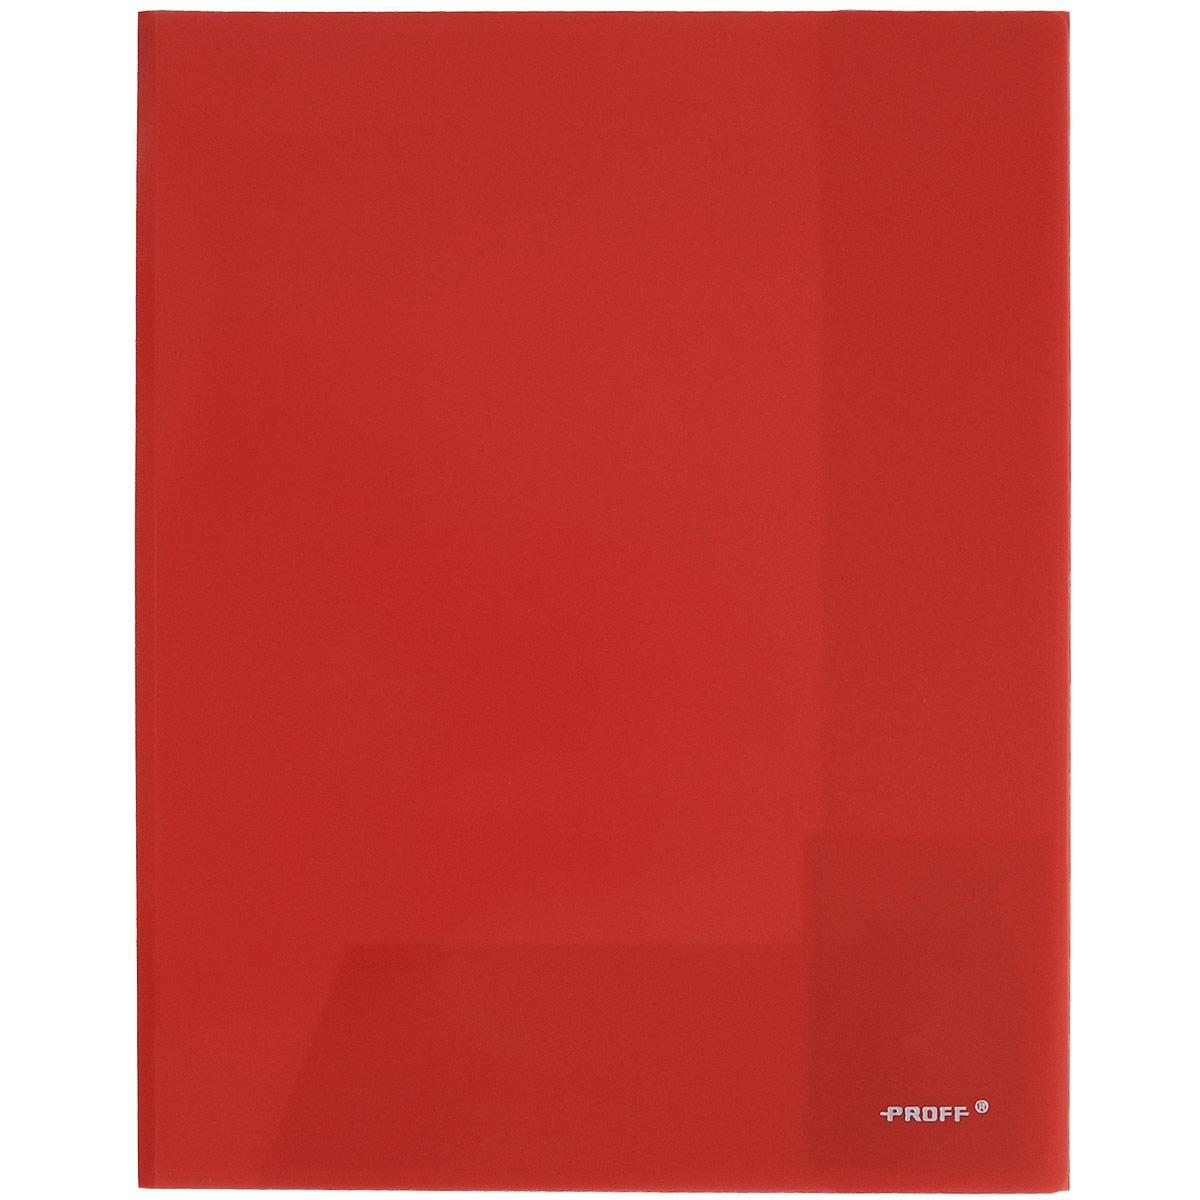 Папка-уголок Proff, цвет: красный, 2 клапана. Формат А4E311A/30-TF-01Папка-уголок Proff, изготовленная из высококачественного полипропилена, это удобный и практичный офисный инструмент, предназначенный для хранения и транспортировки рабочих бумаг и документов формата А4. Полупрозрачная папка оснащена двумя клапана внутри для надежного удержания бумаг. Папка-уголок - это незаменимый атрибут для студента, школьника, офисного работника. Такая папка надежно сохранит ваши документы и сбережет их от повреждений, пыли и влаги.